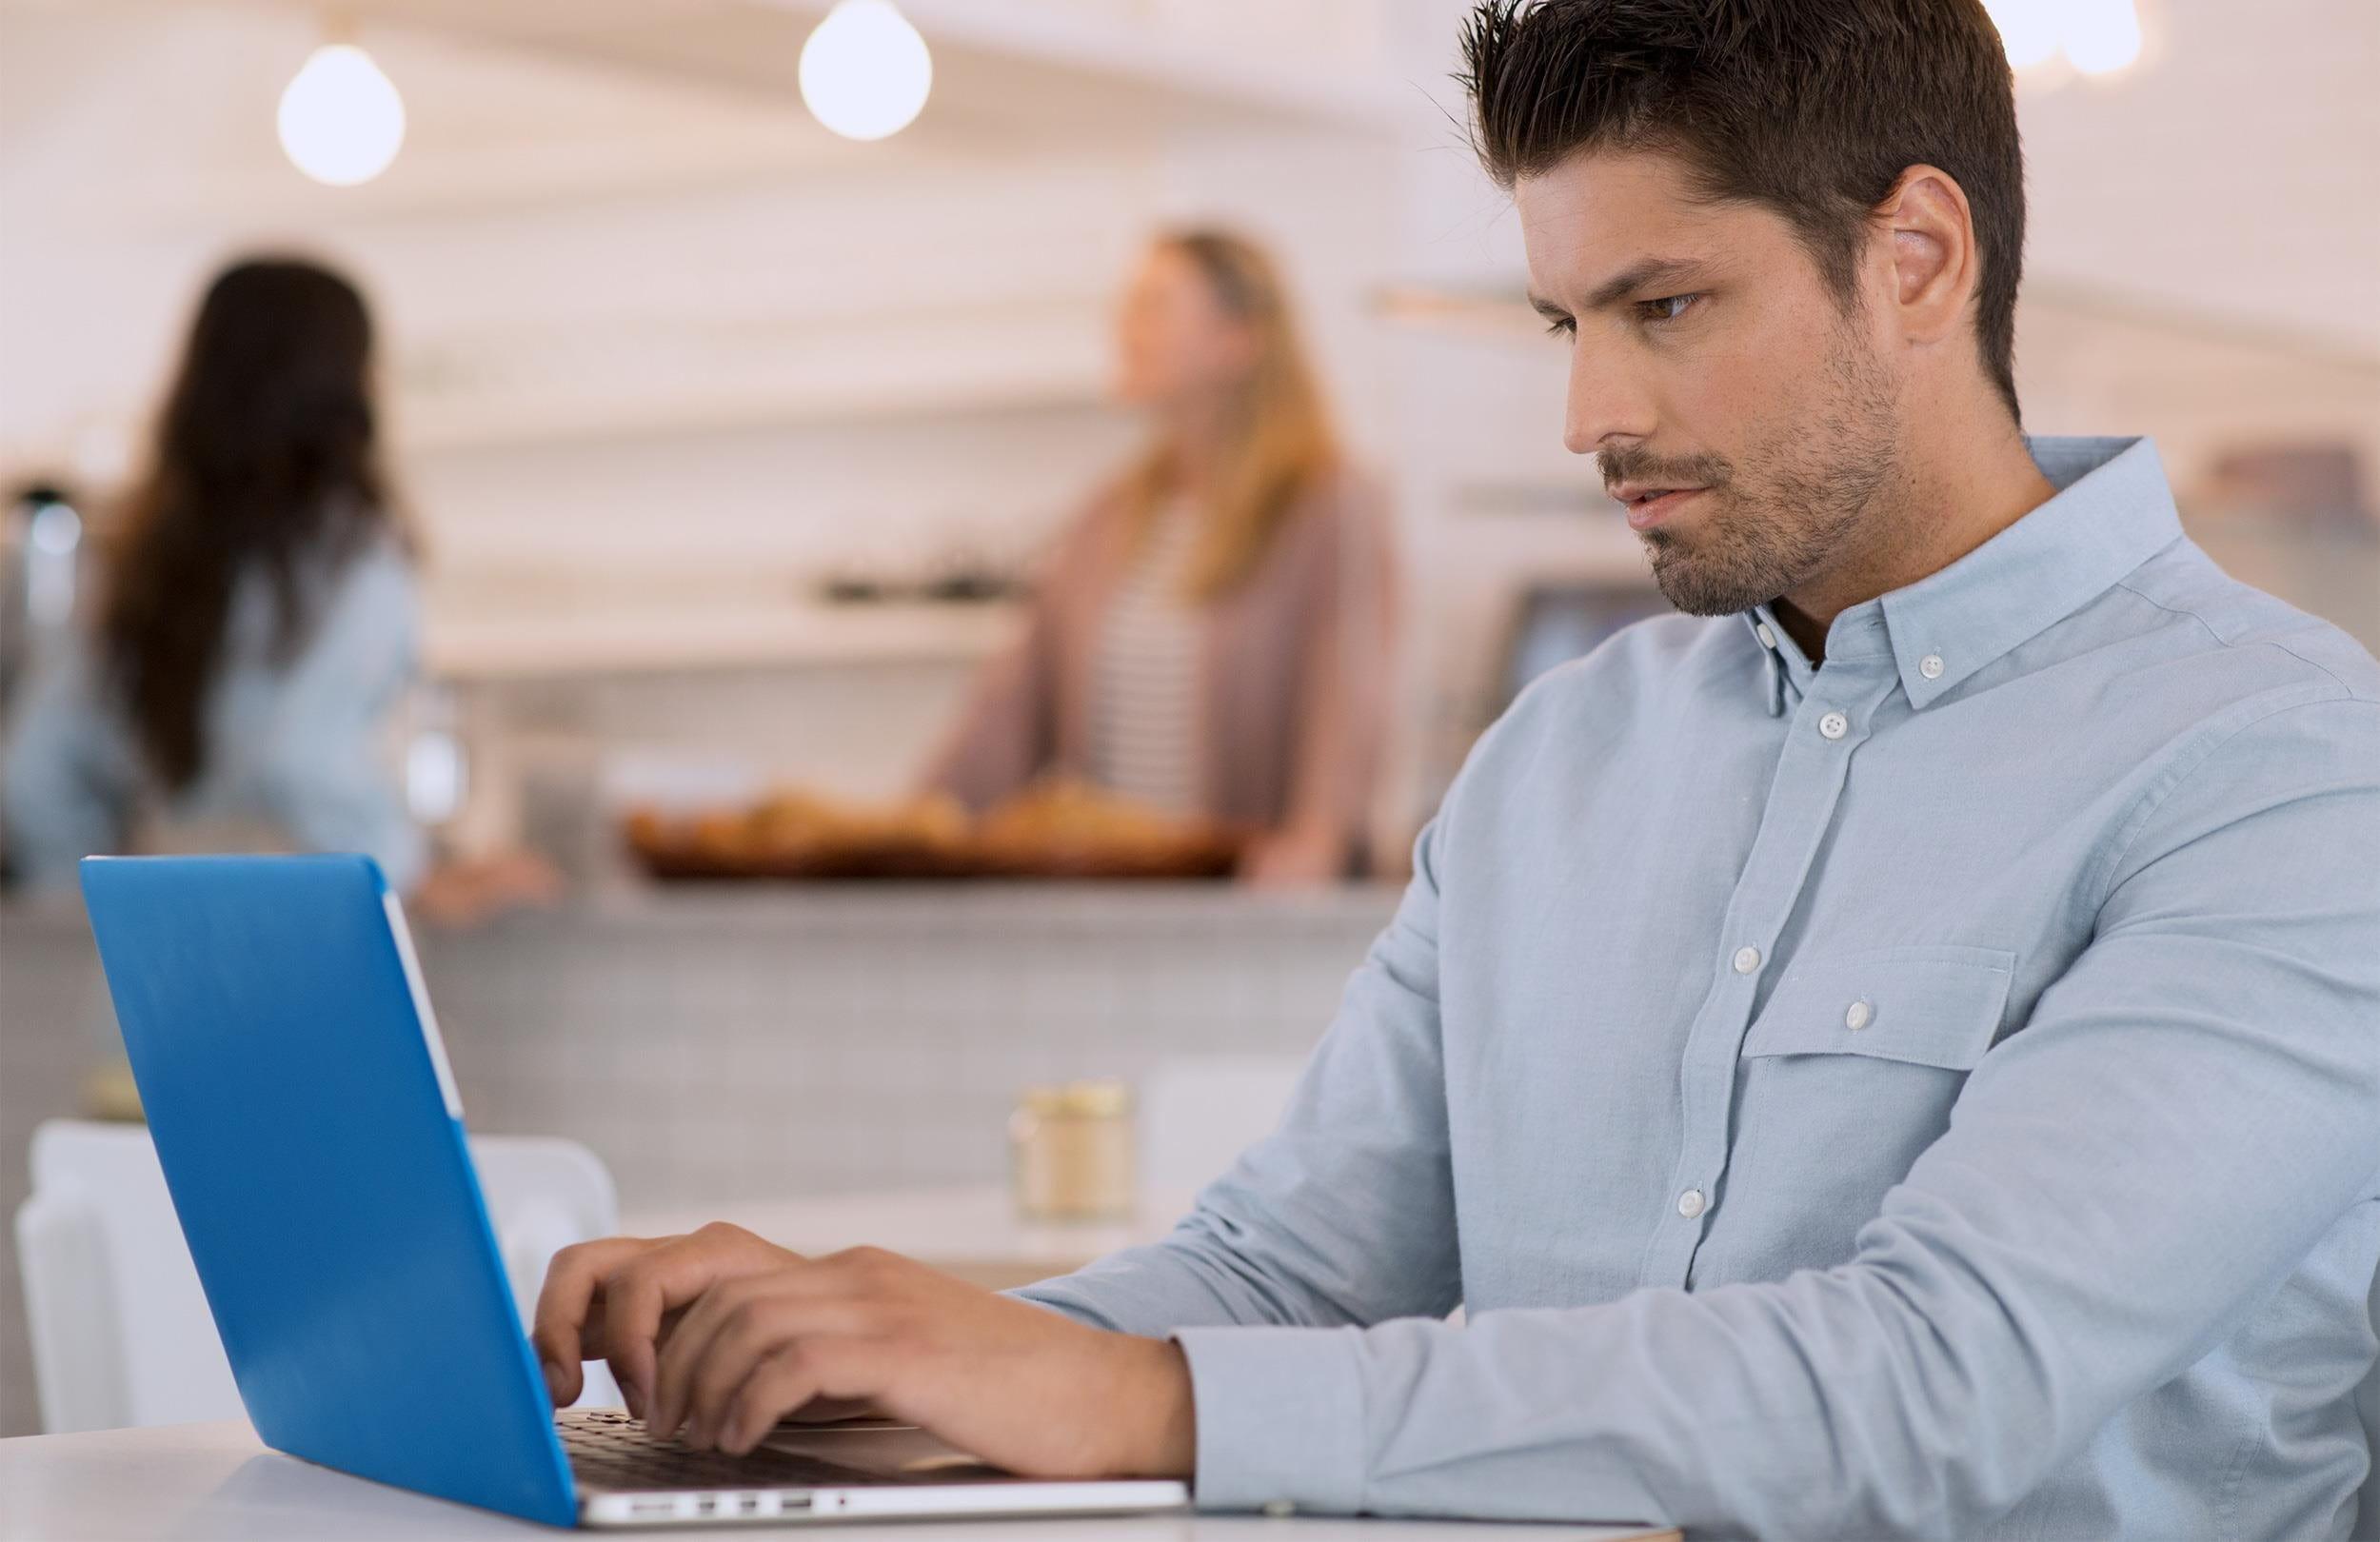 Ein Mann füllt eine E-Rechnung am Laptop aus.